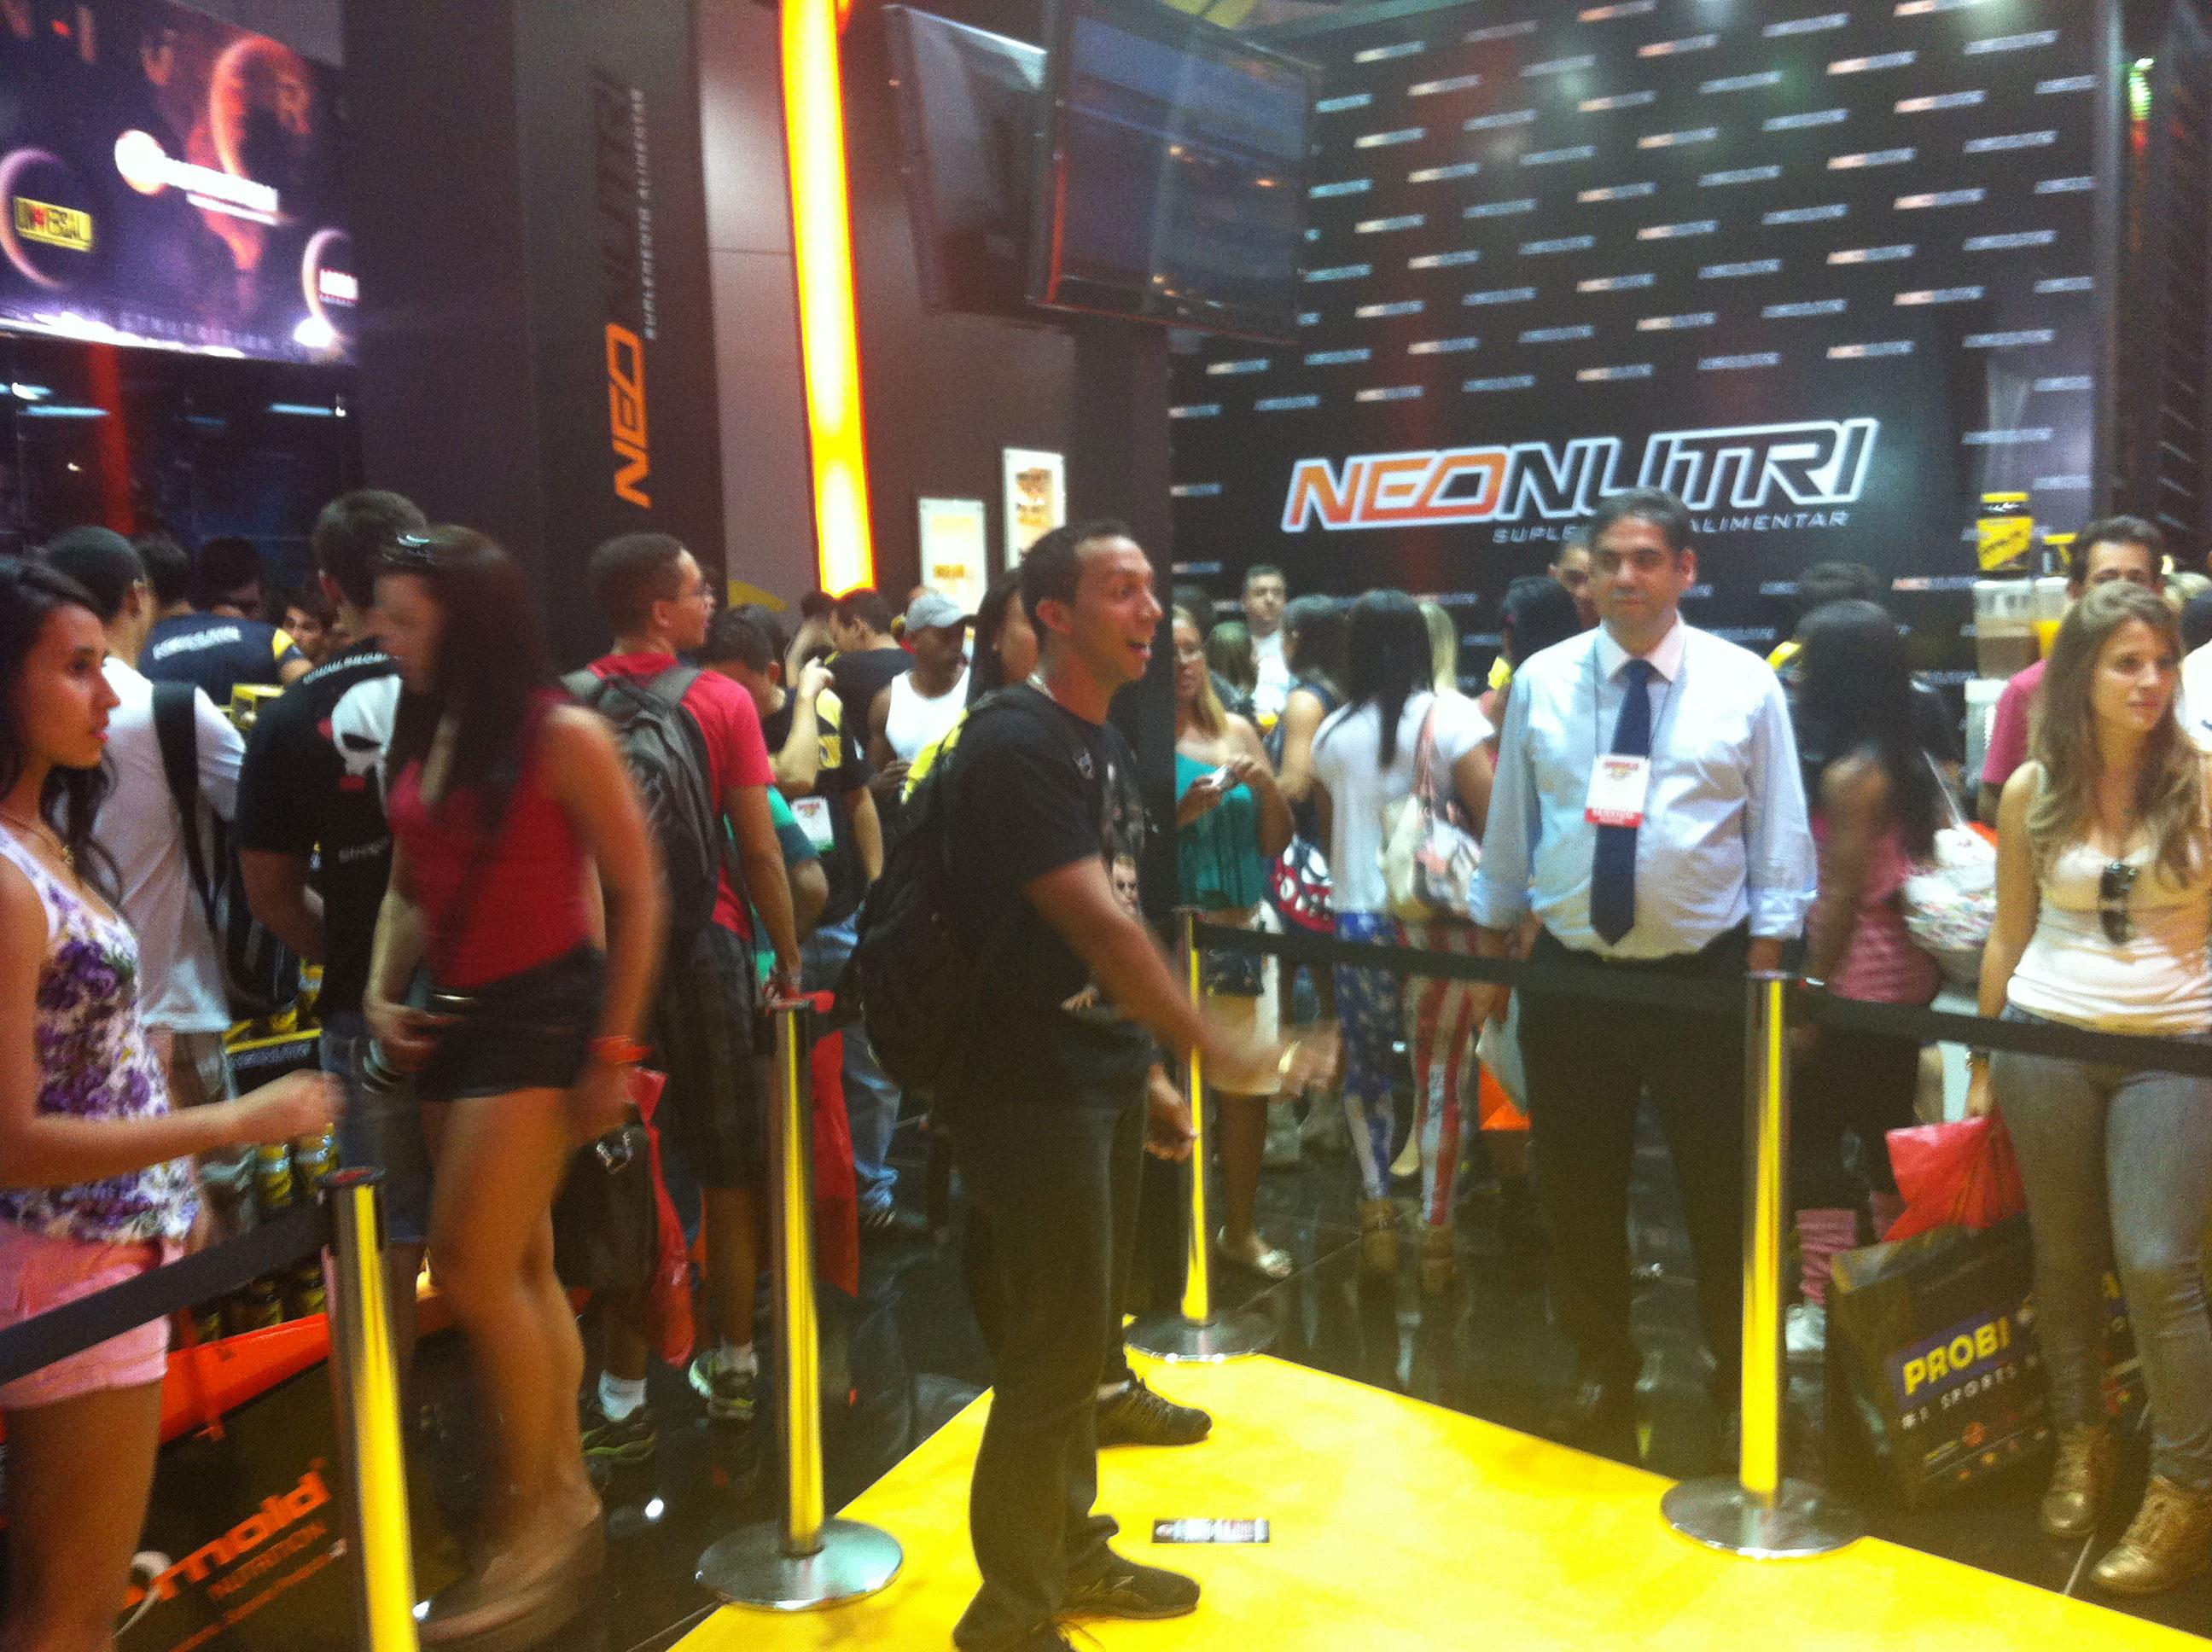 Stand NeoNutri Arnold Classic Brazil - Foto 10